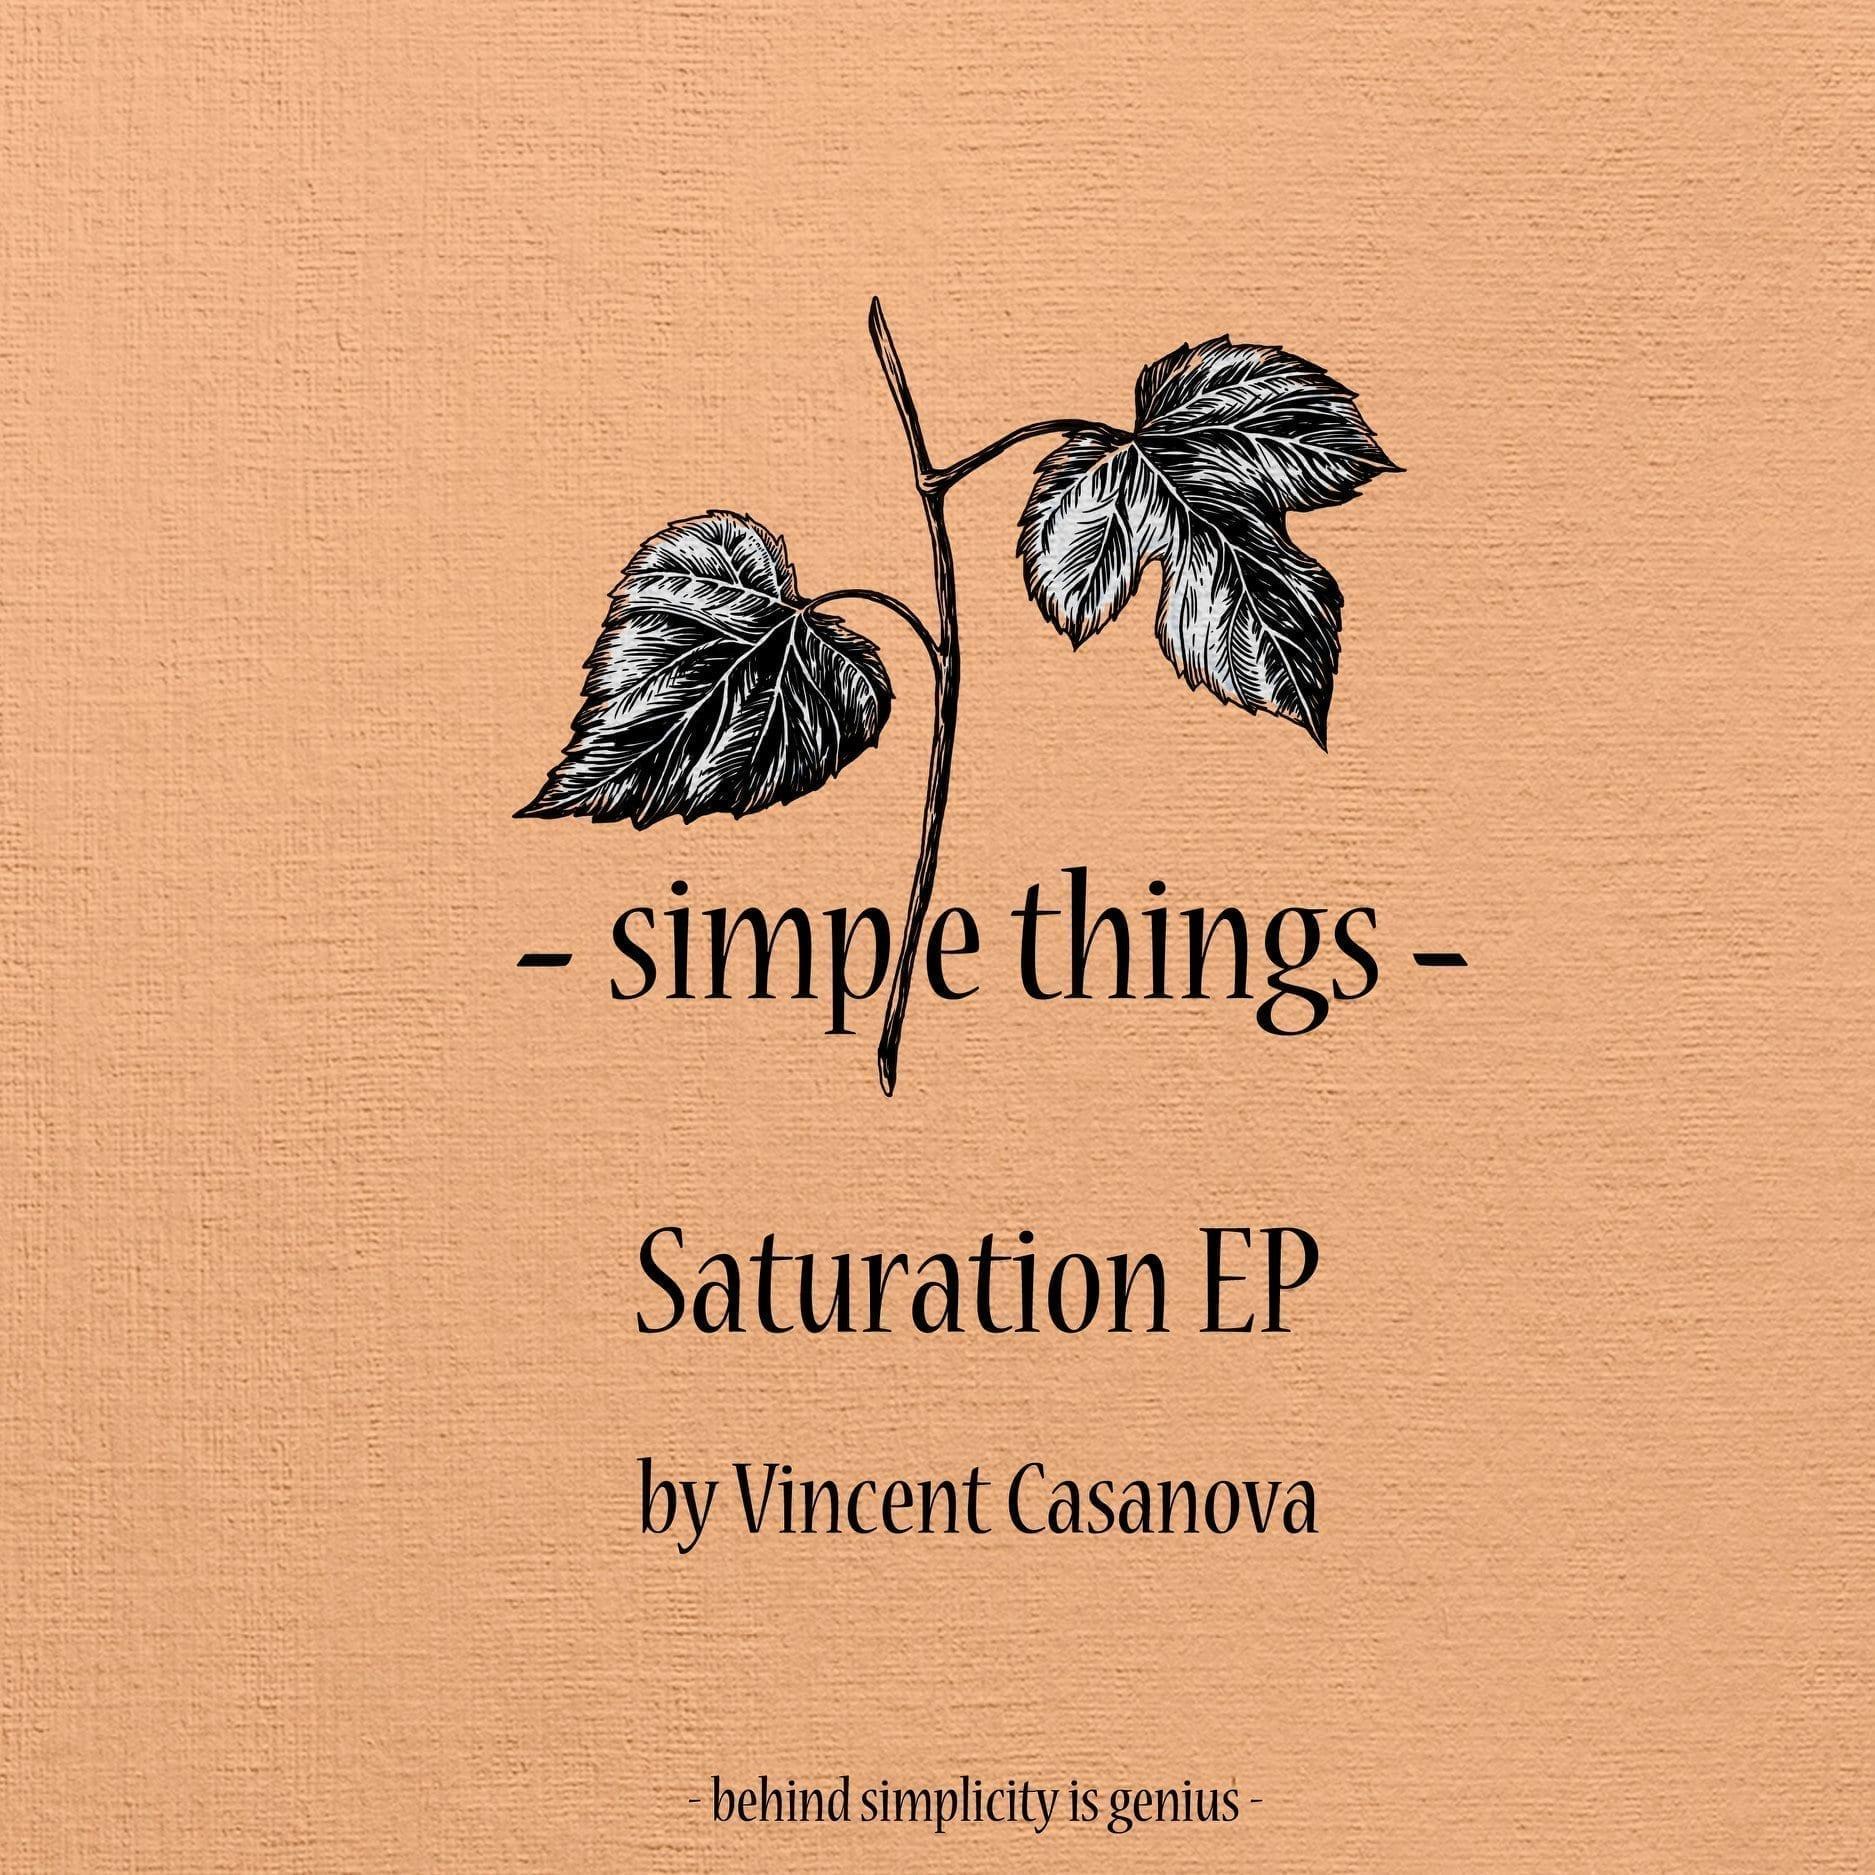 Vincent Casanova - Saturation EP